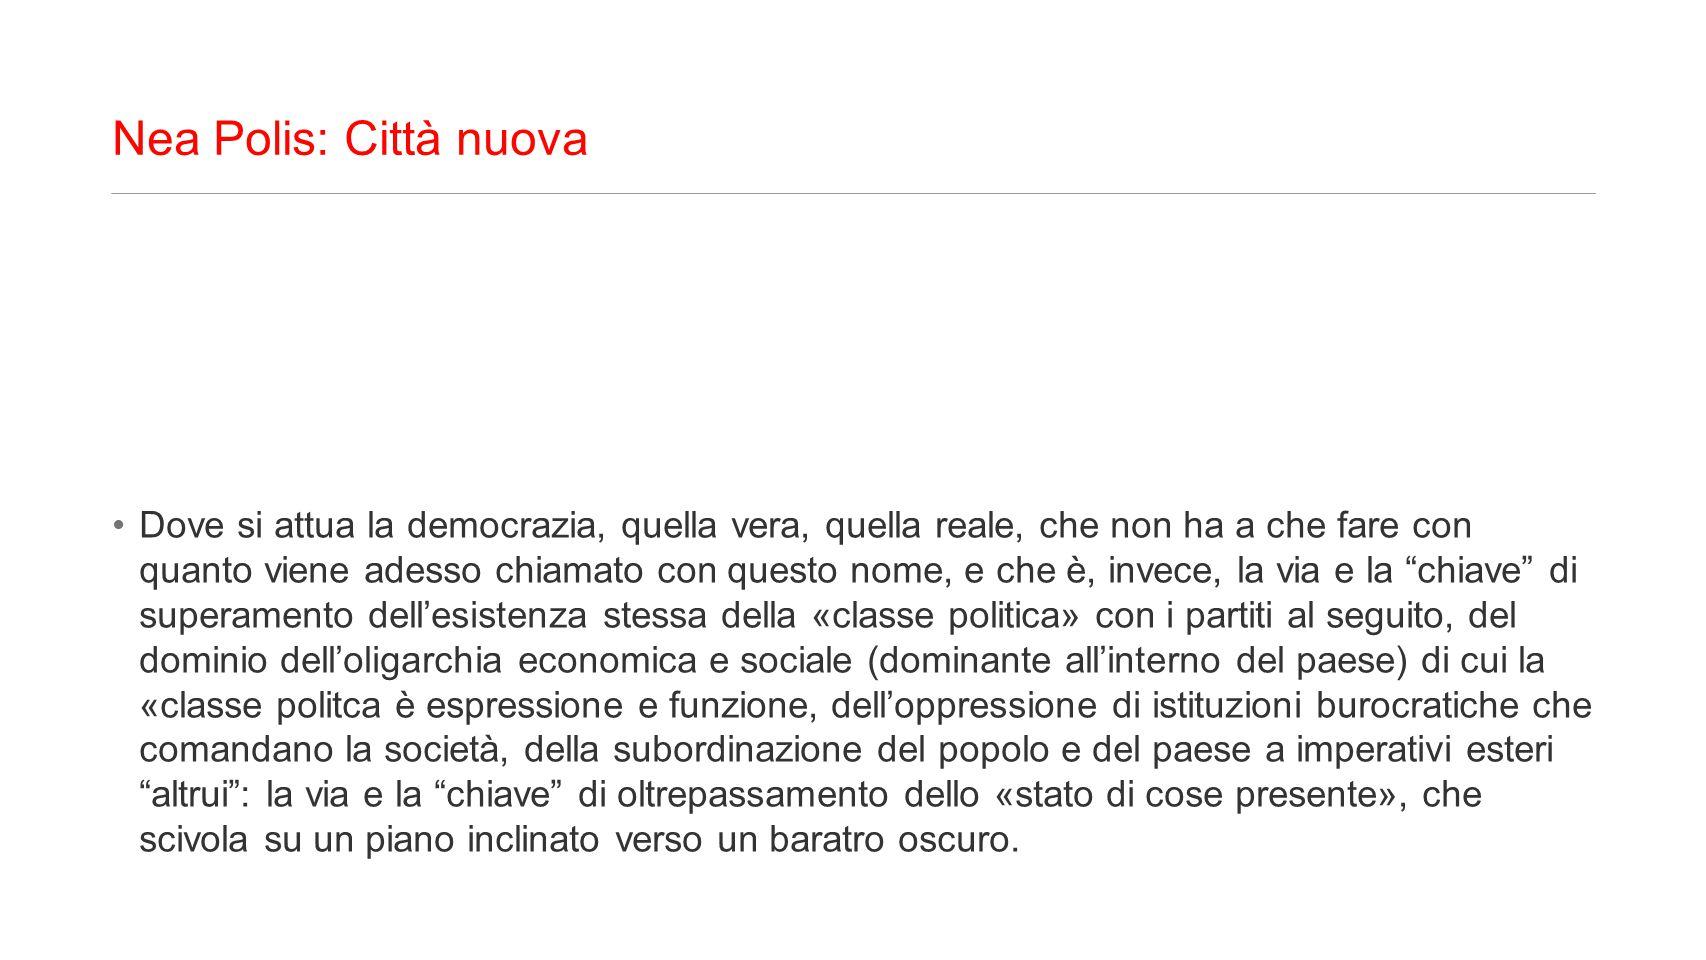 Nea Polis: Città nuova Dove si attua la democrazia, quella vera, quella reale, che non ha a che fare con quanto viene adesso chiamato con questo nome,